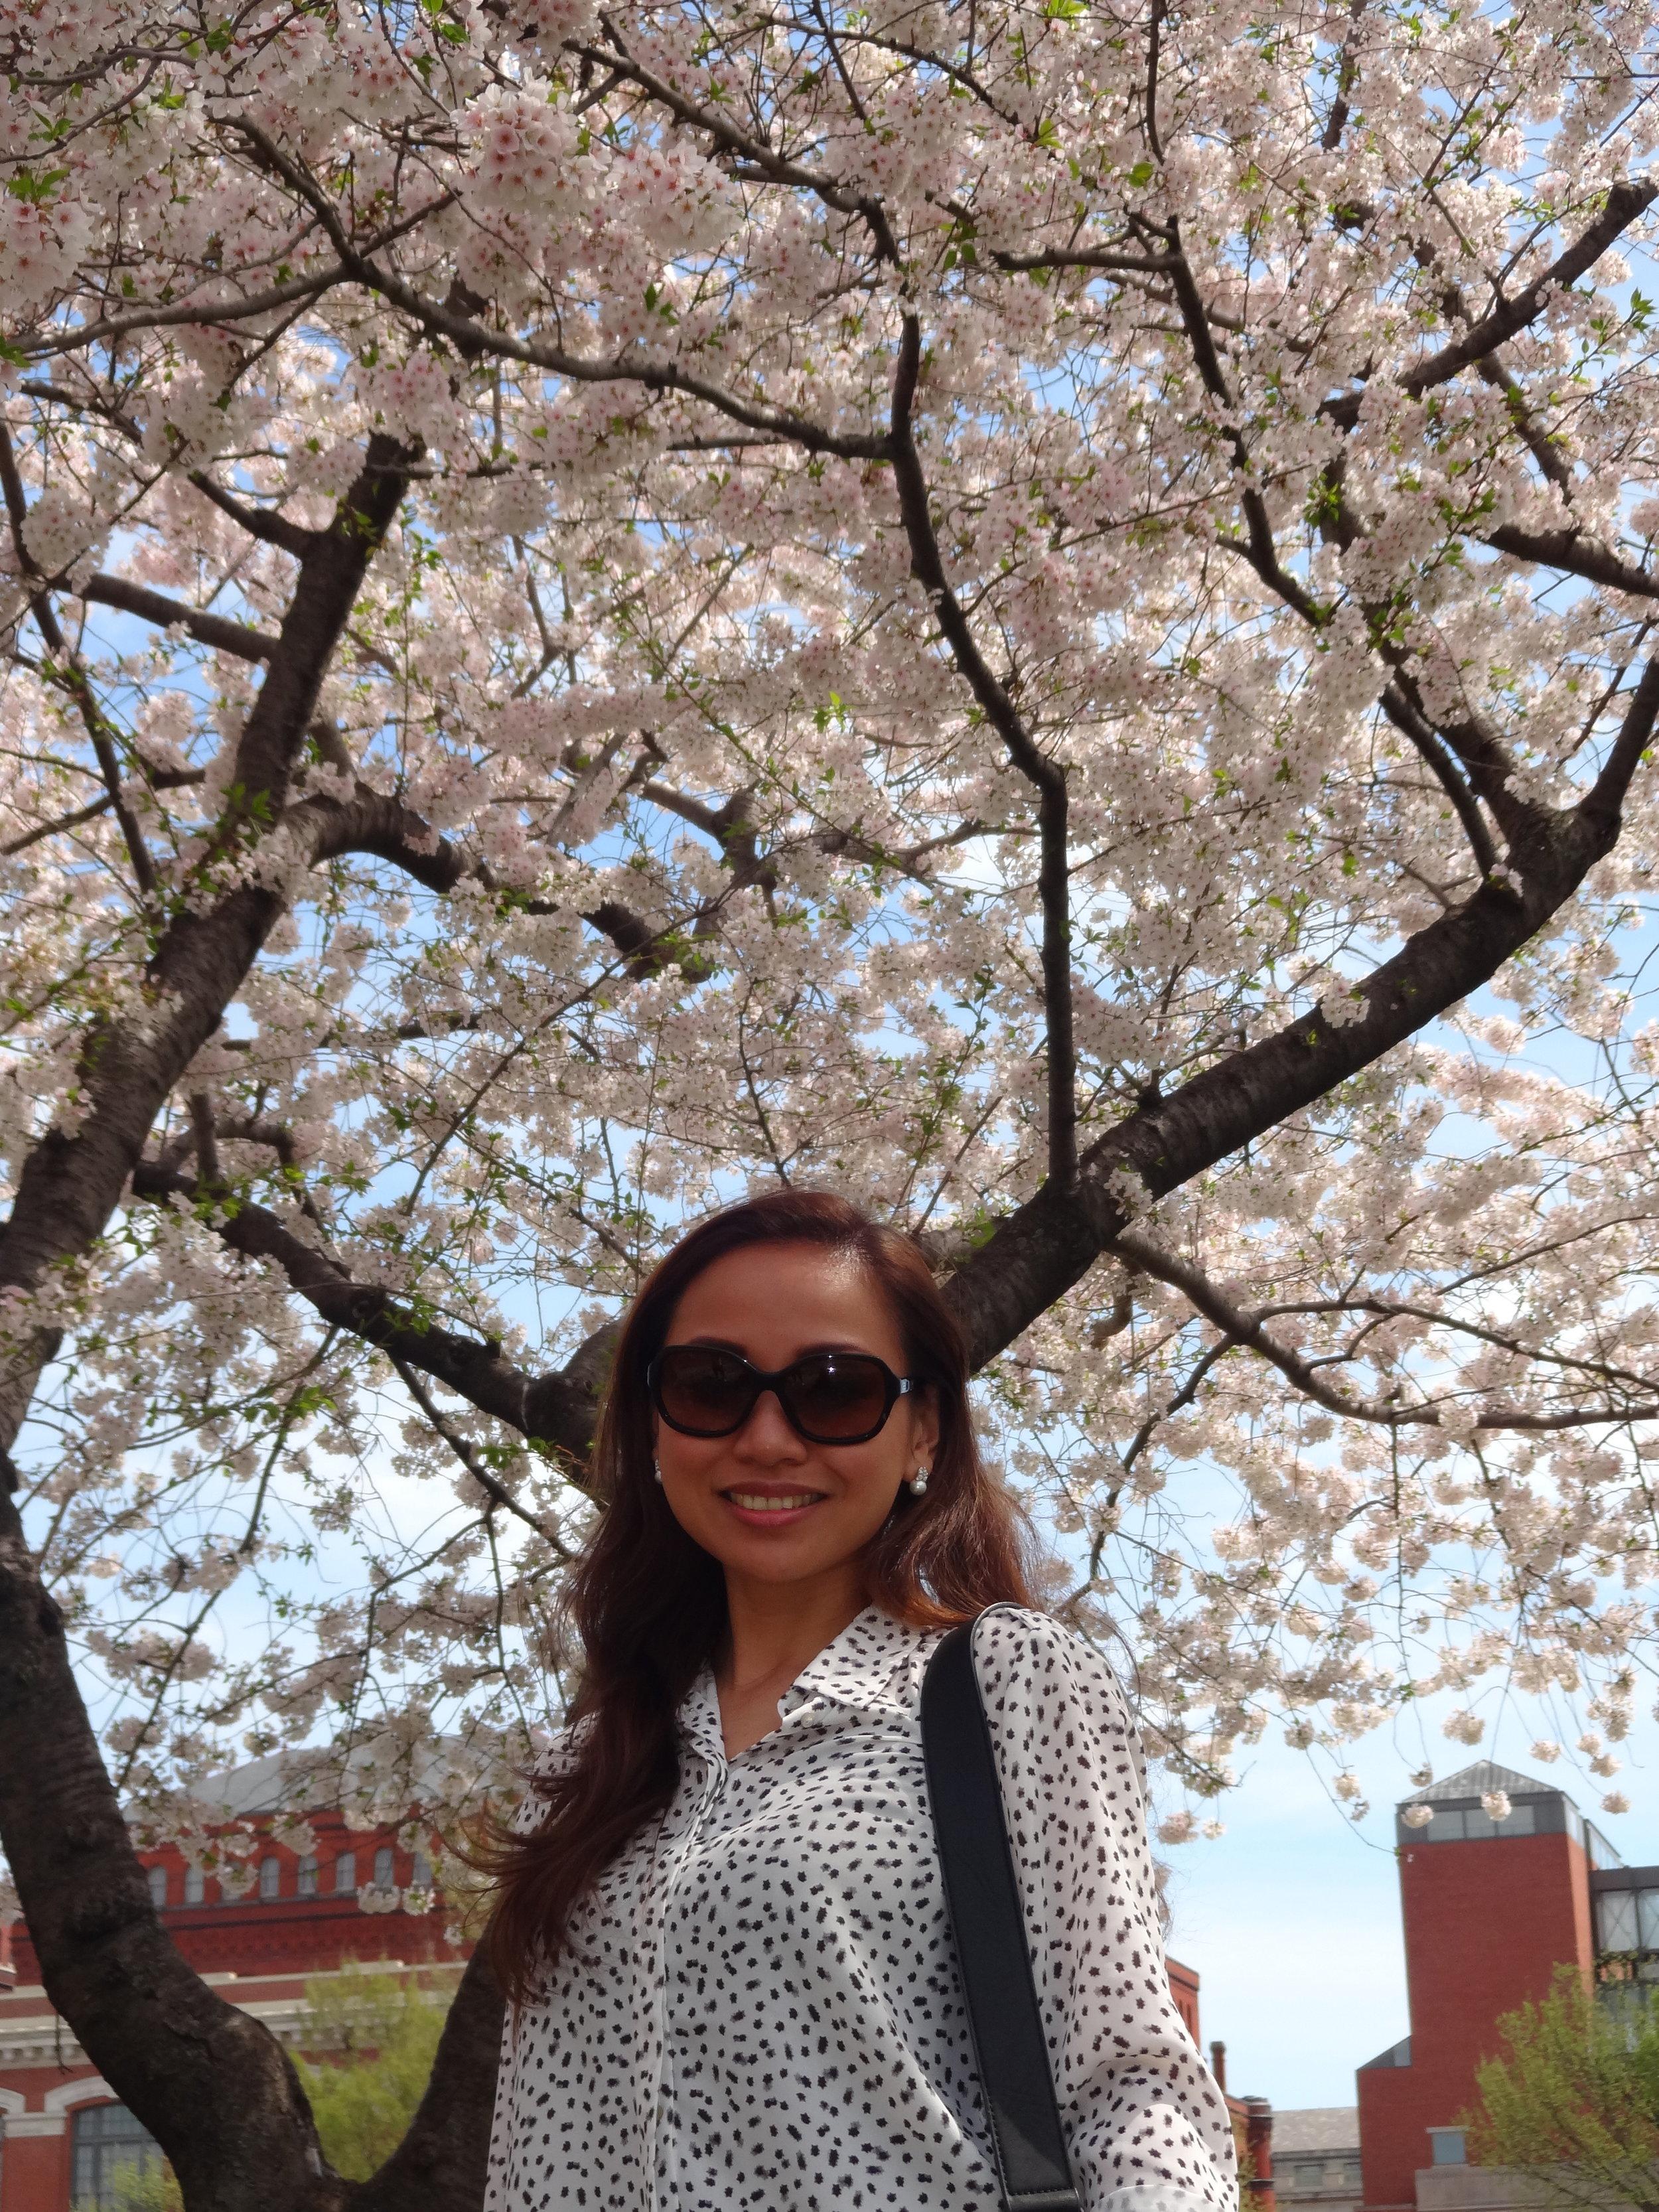 Underneath the sakura trees